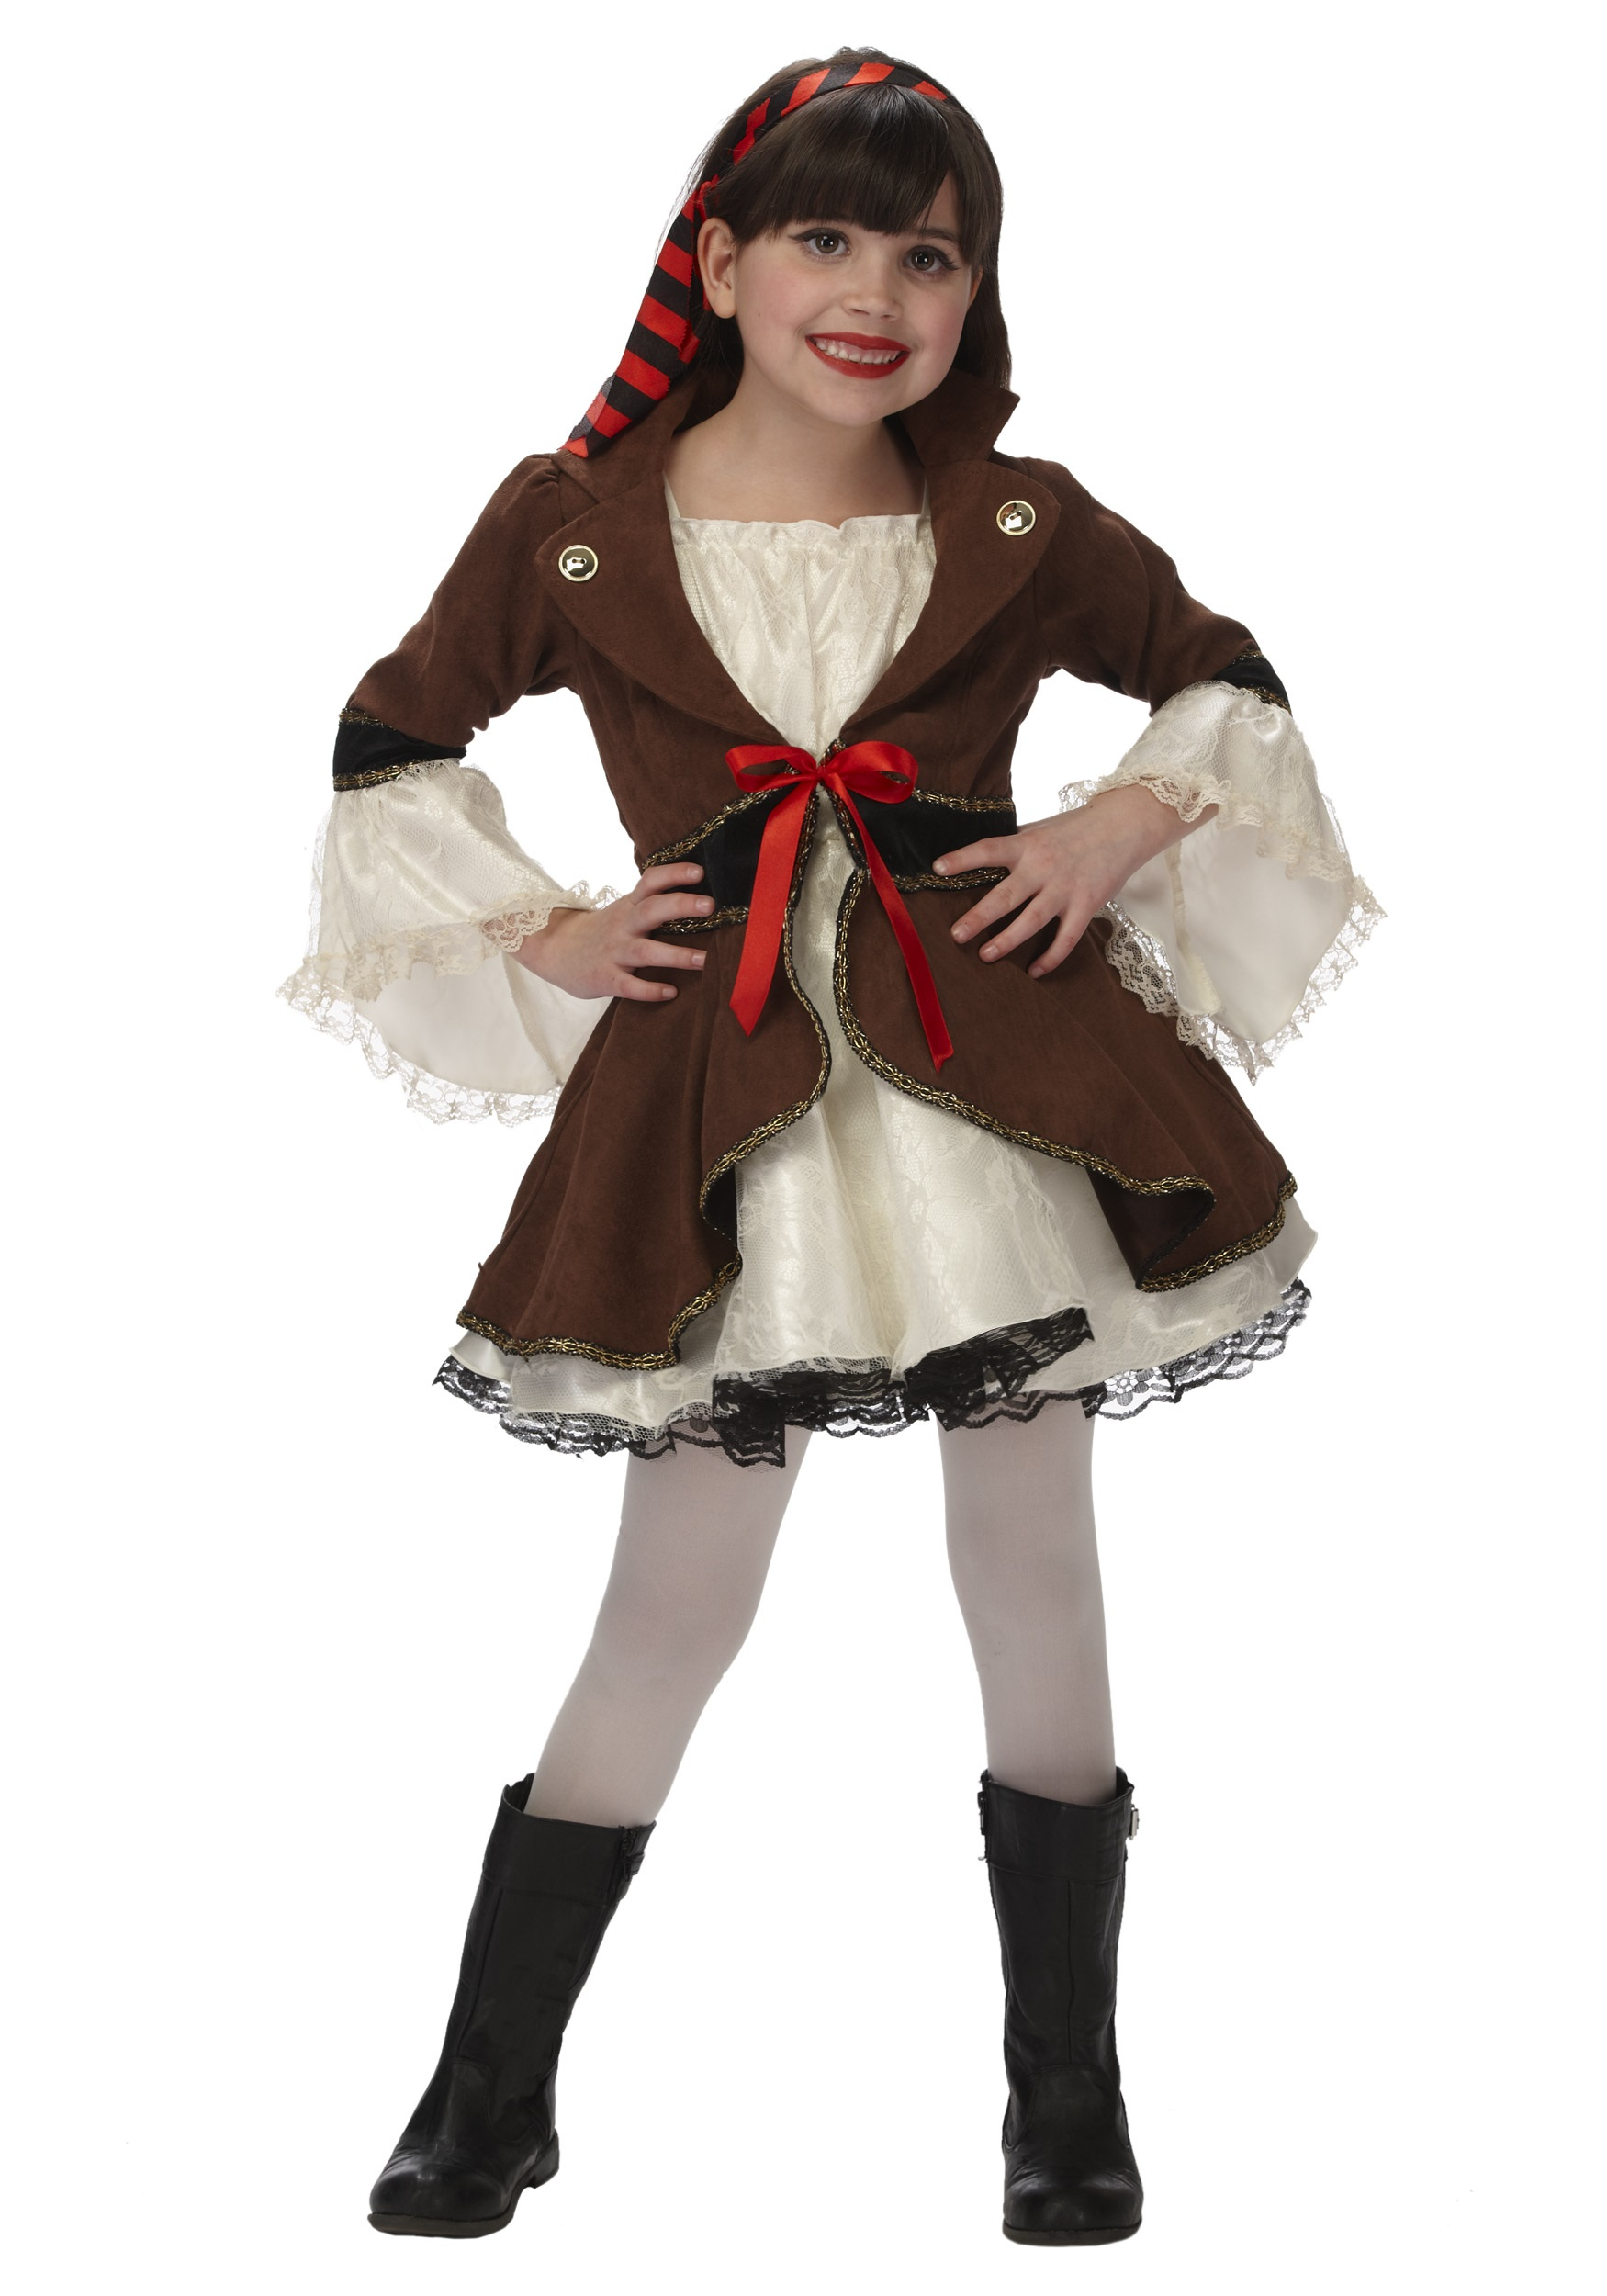 Kids Pirate Princess Costume